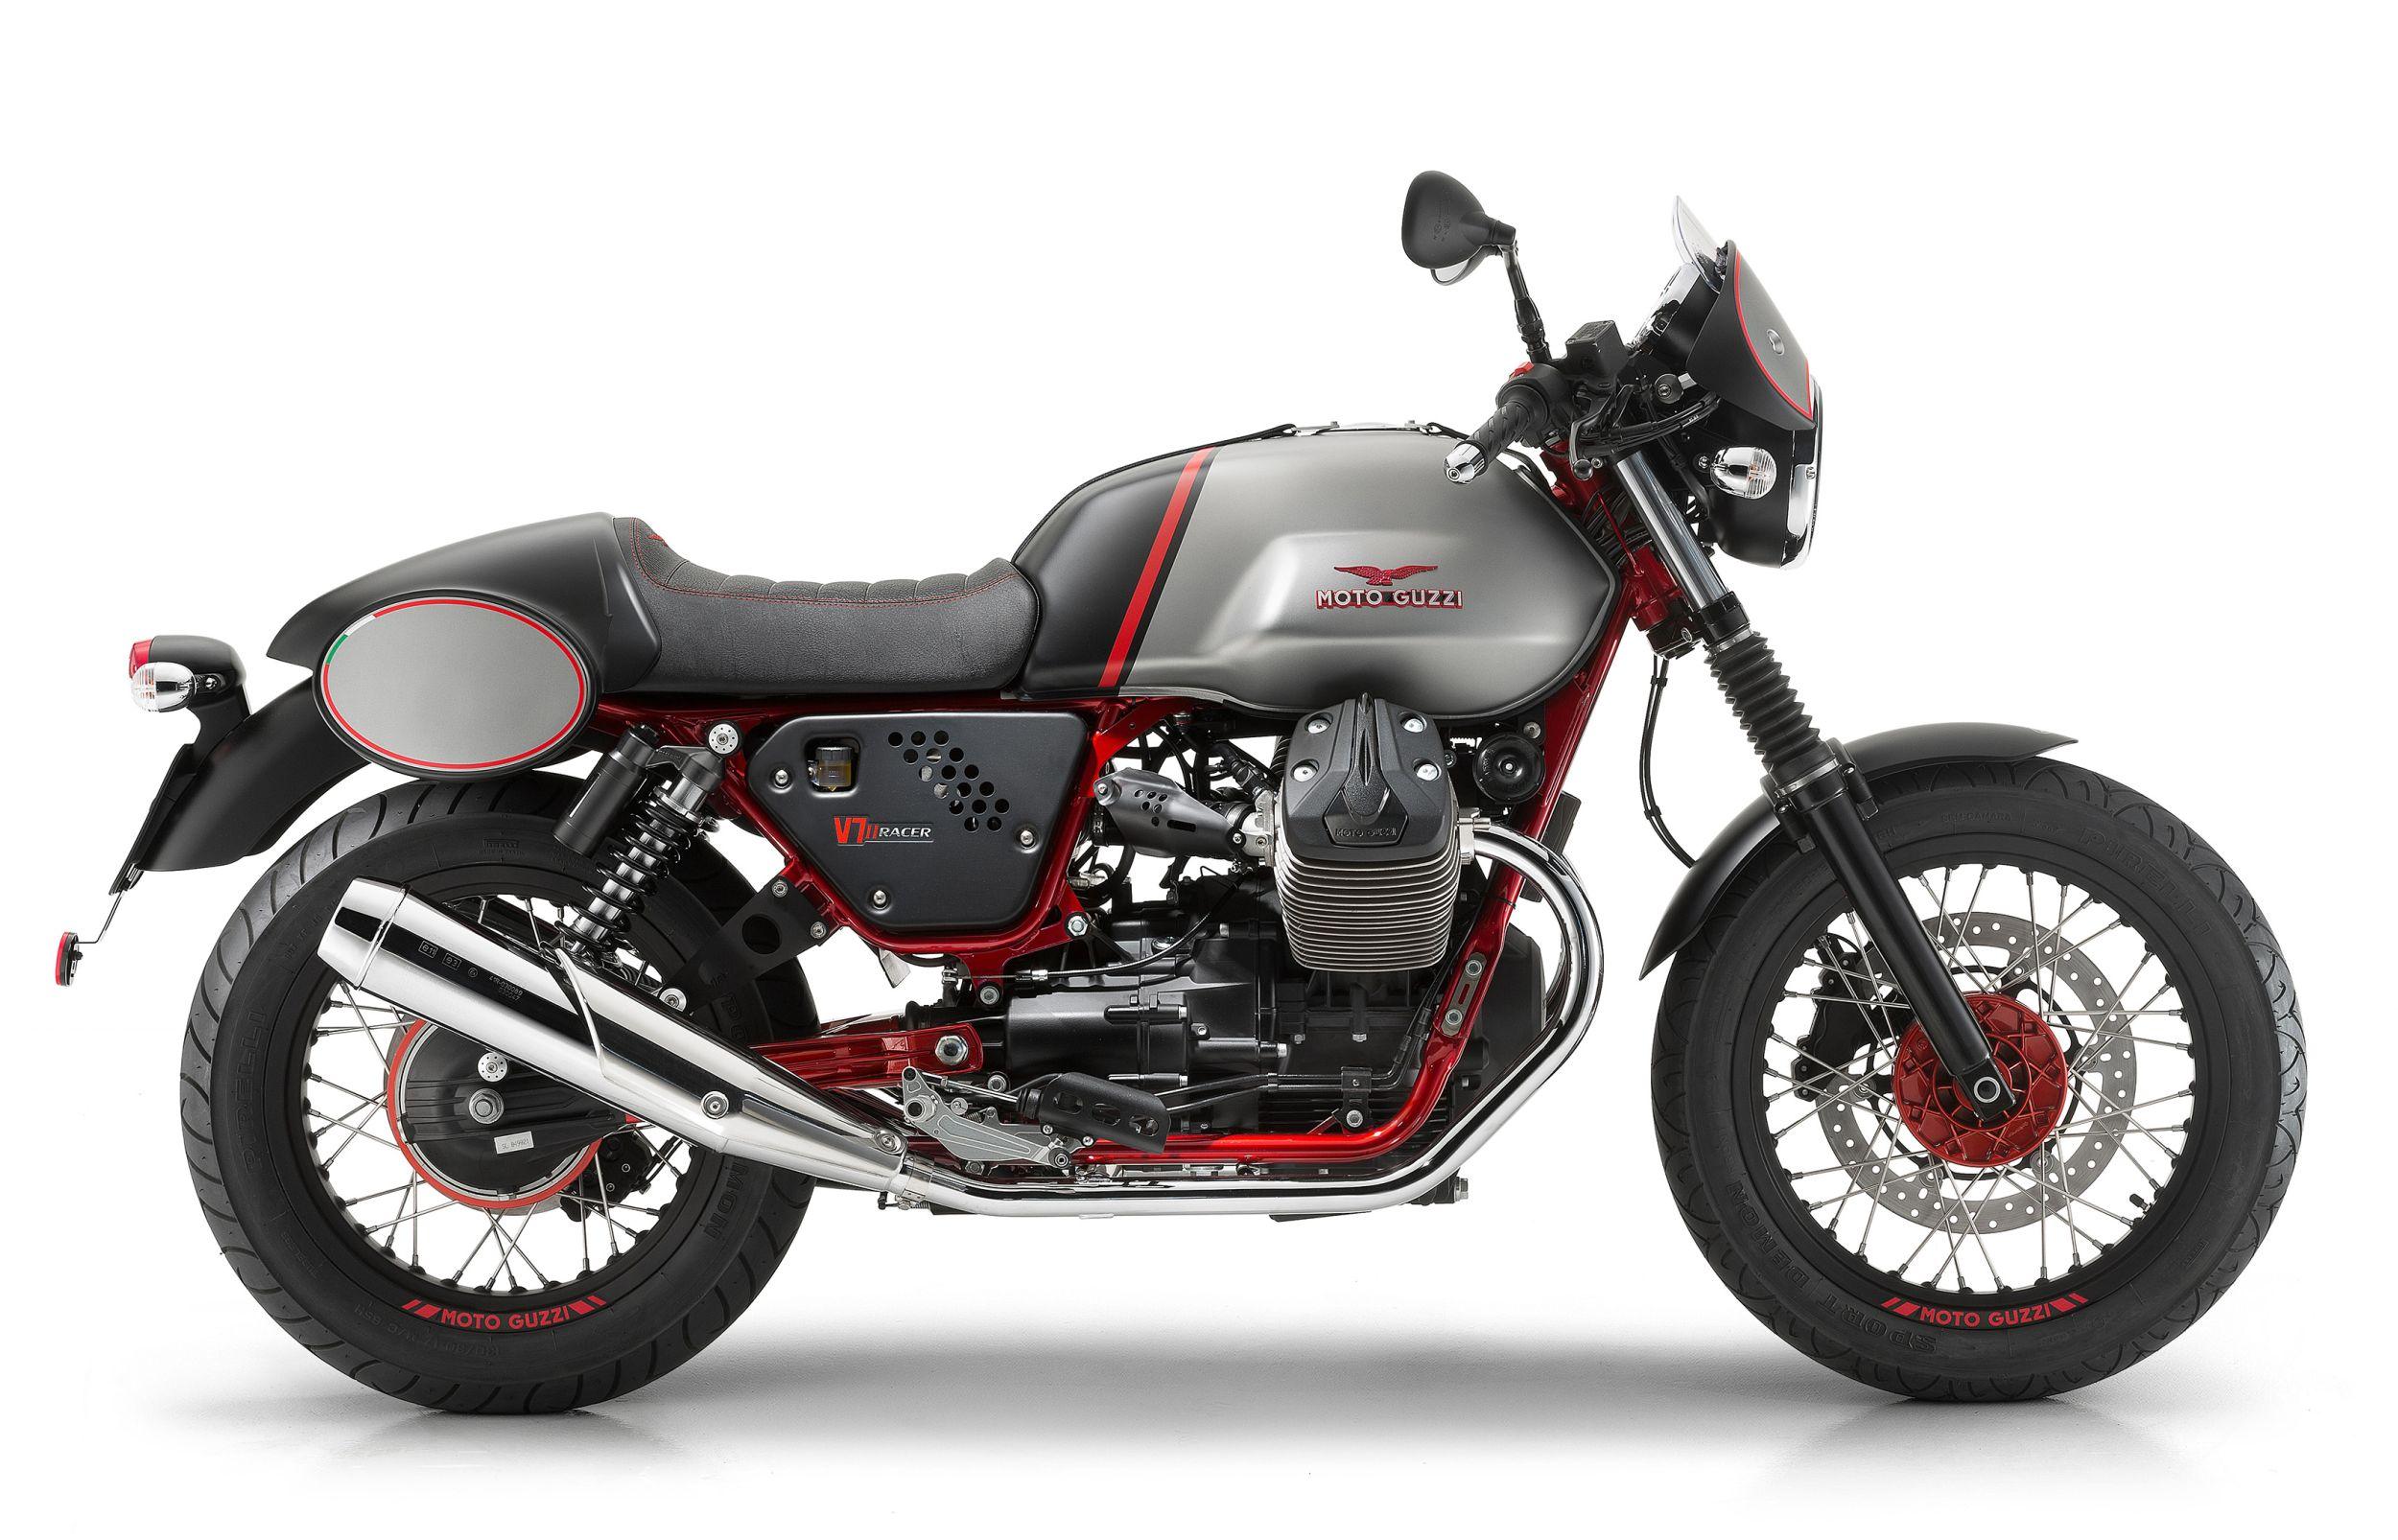 gebrauchte und neue moto guzzi v7 ii racer motorr der kaufen. Black Bedroom Furniture Sets. Home Design Ideas